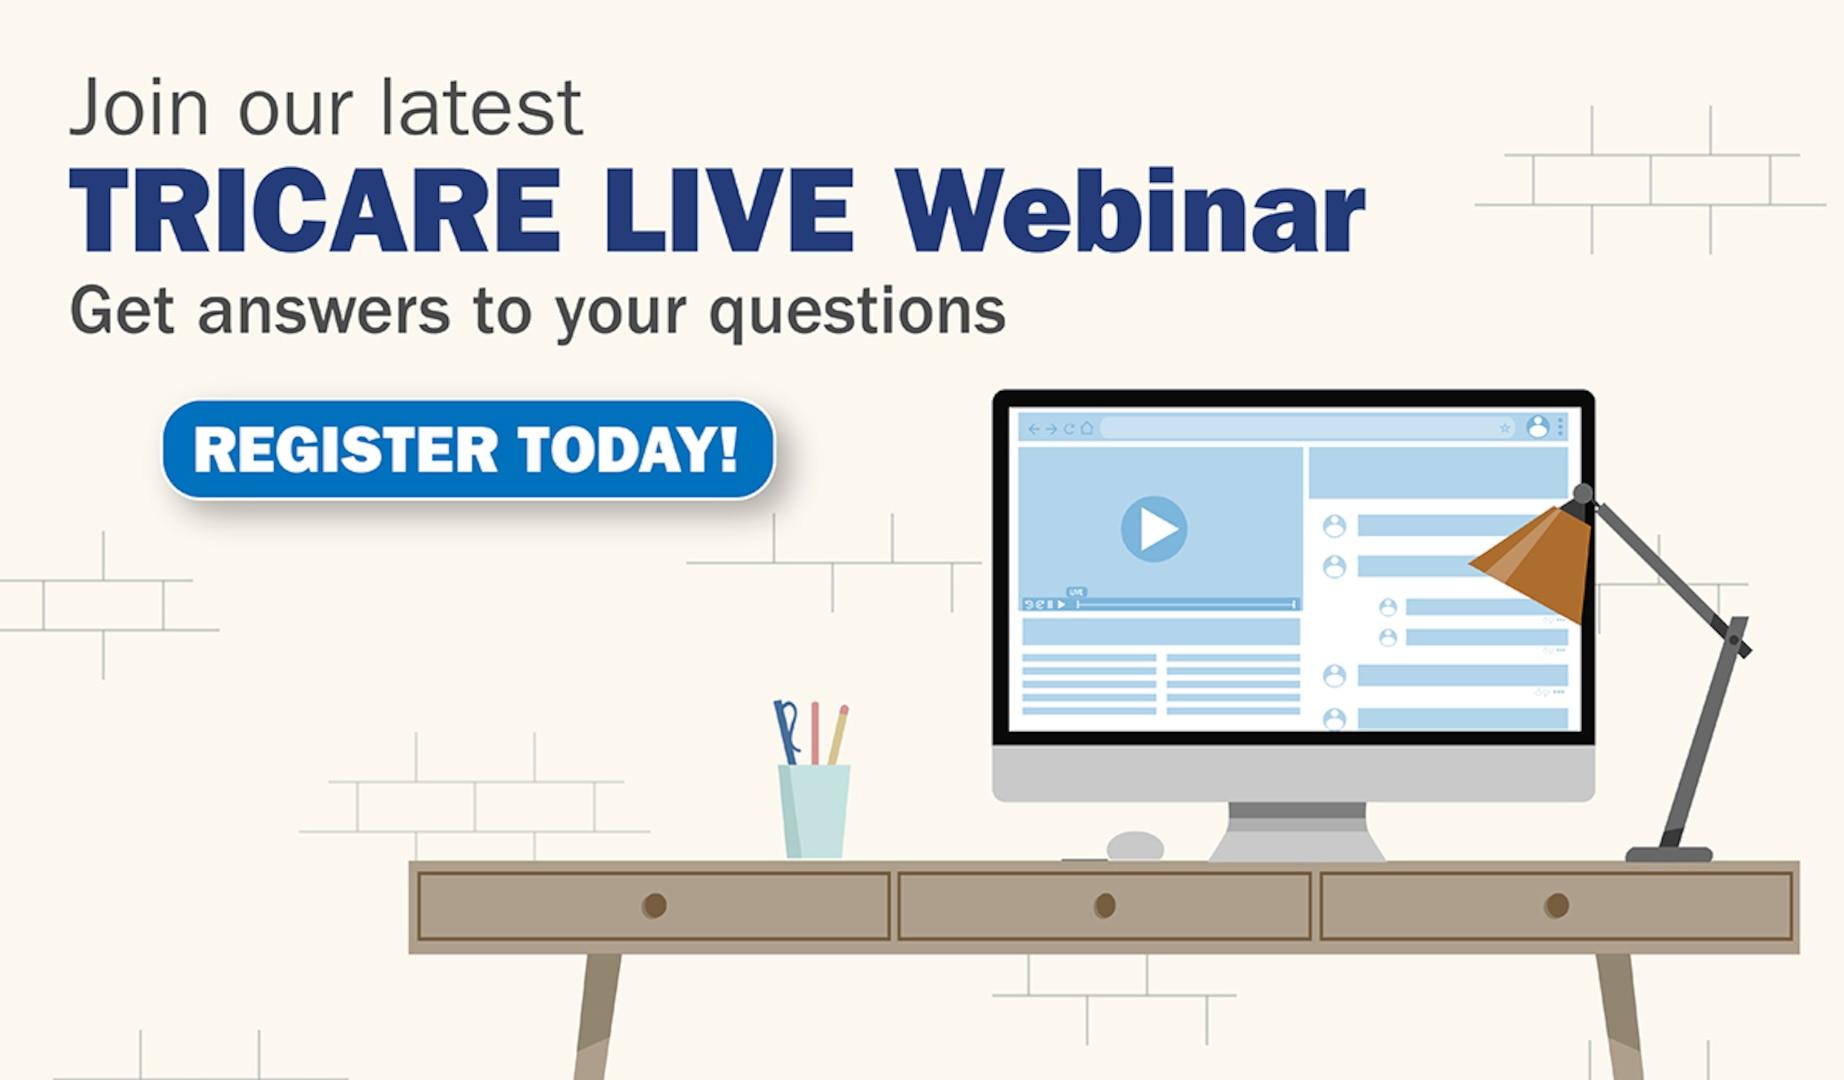 Register for TRICARE webinar promotion